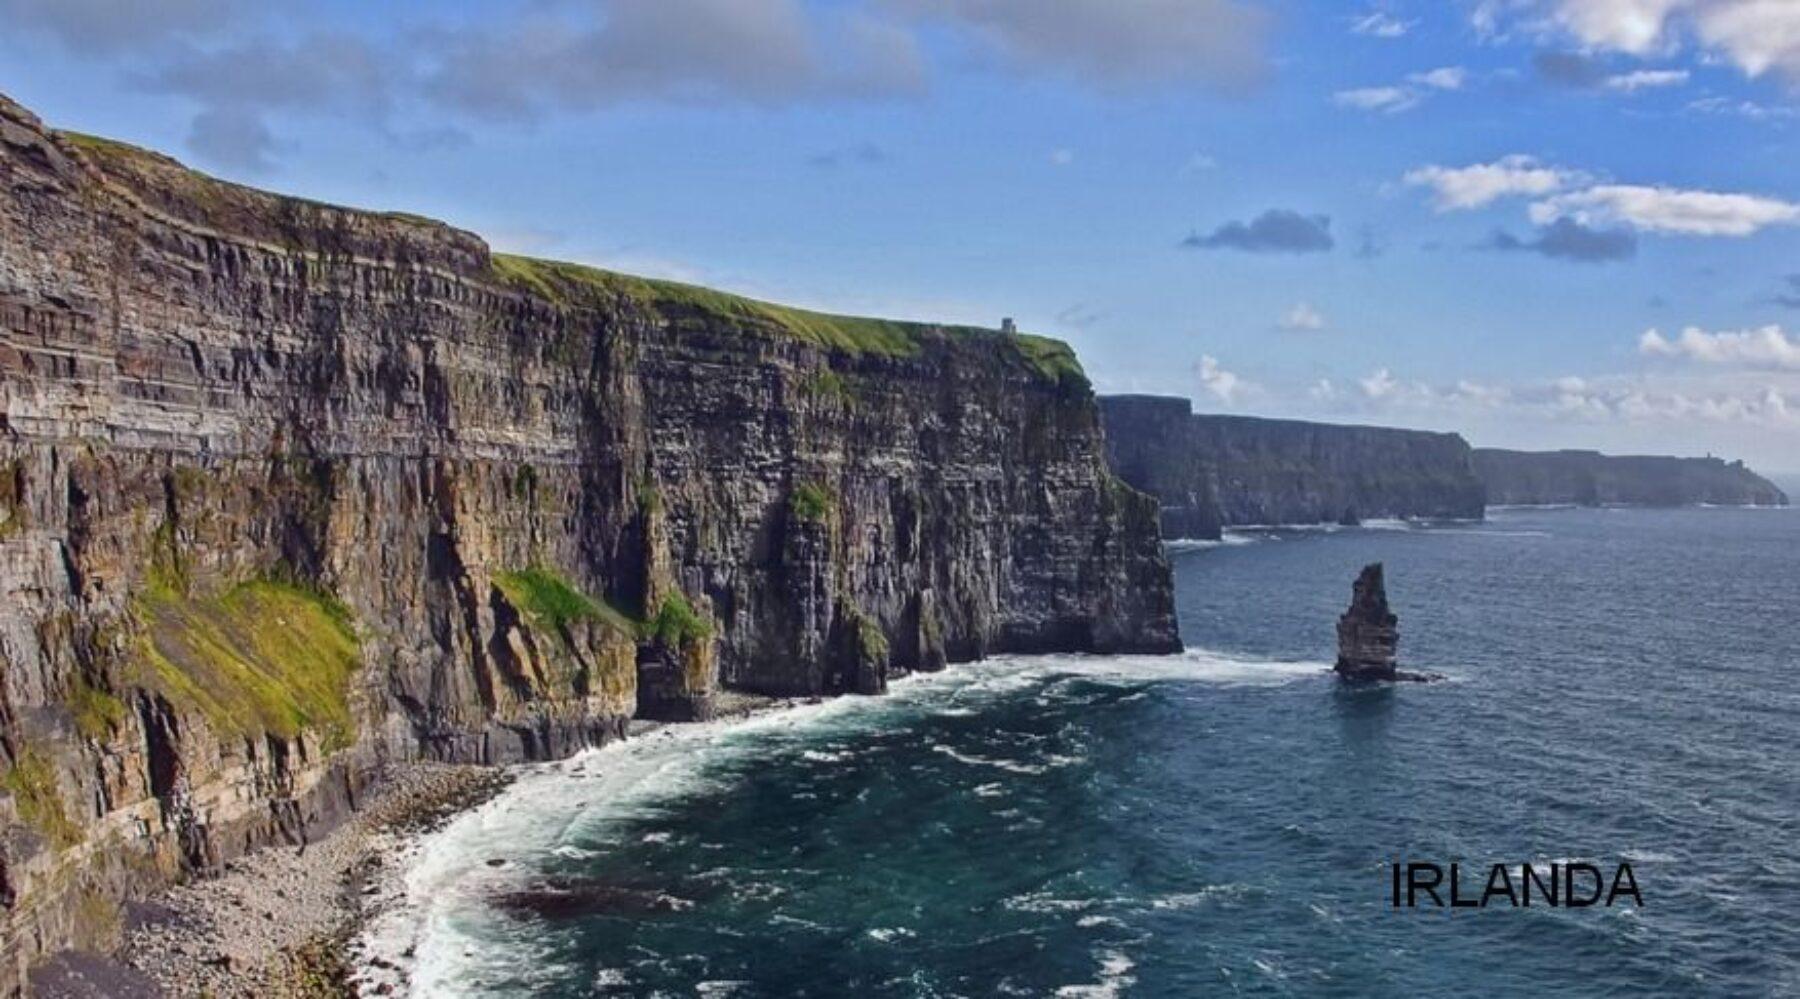 IrlandaS